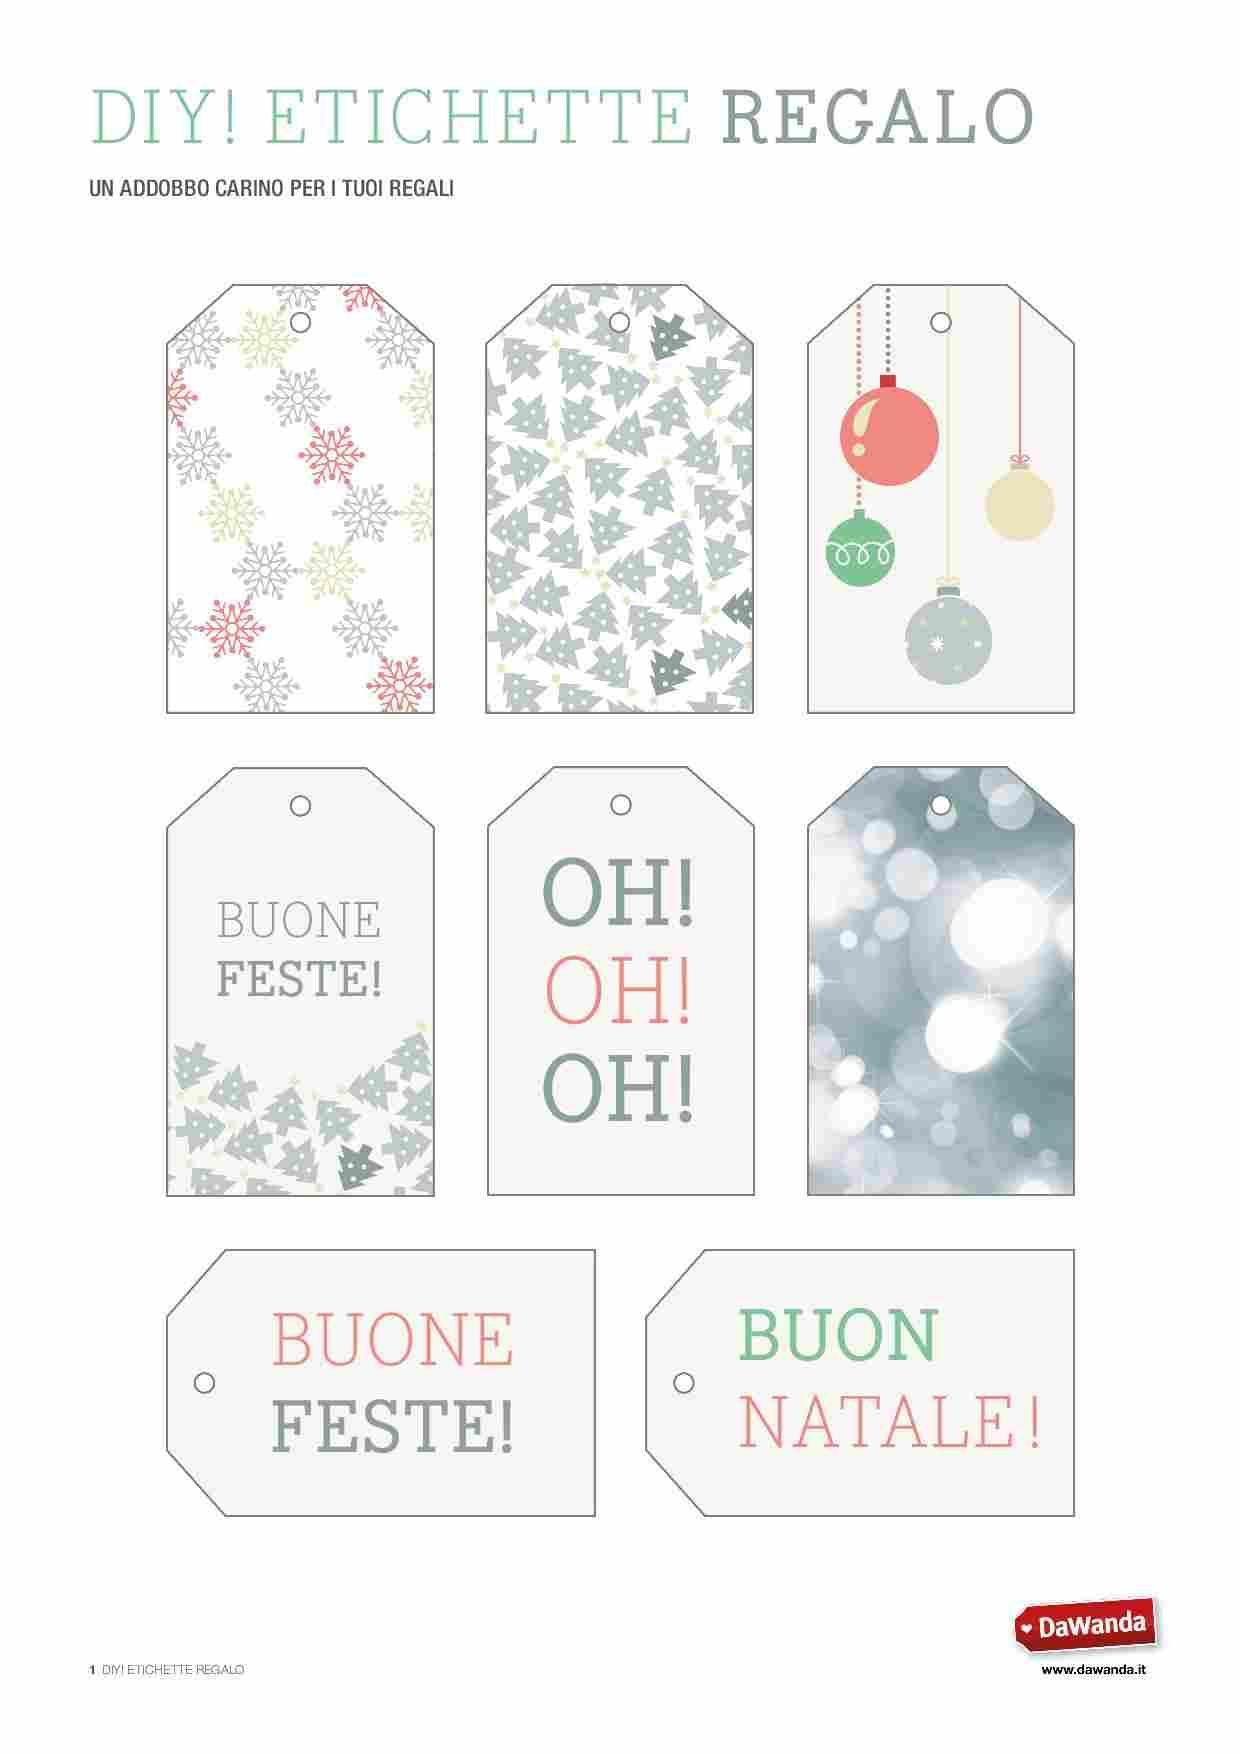 Etichette Natalizie Da Stampare tutorial fai da te: etichette regalo natalizie da stampare